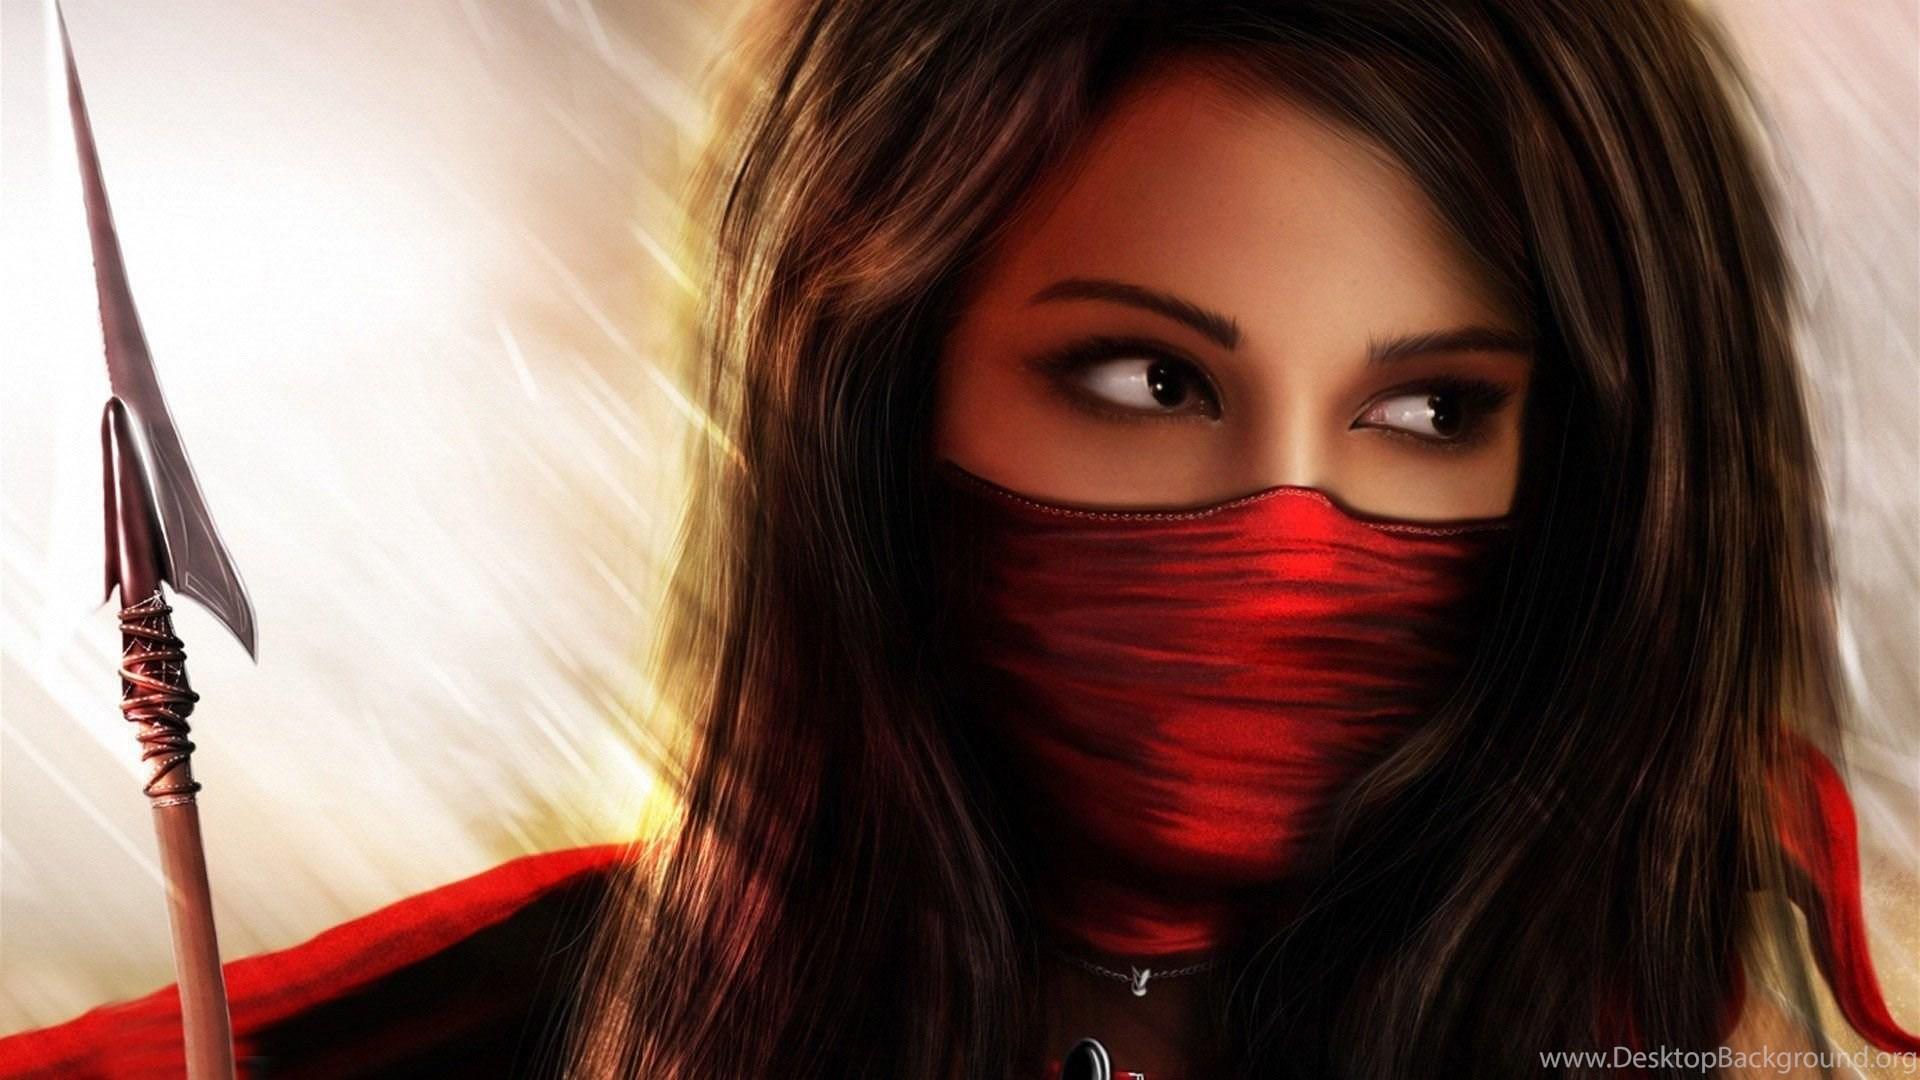 Ninja Fantasy Girl Wallpapers Hd 23889 Full Hd Wallpapers Desktop